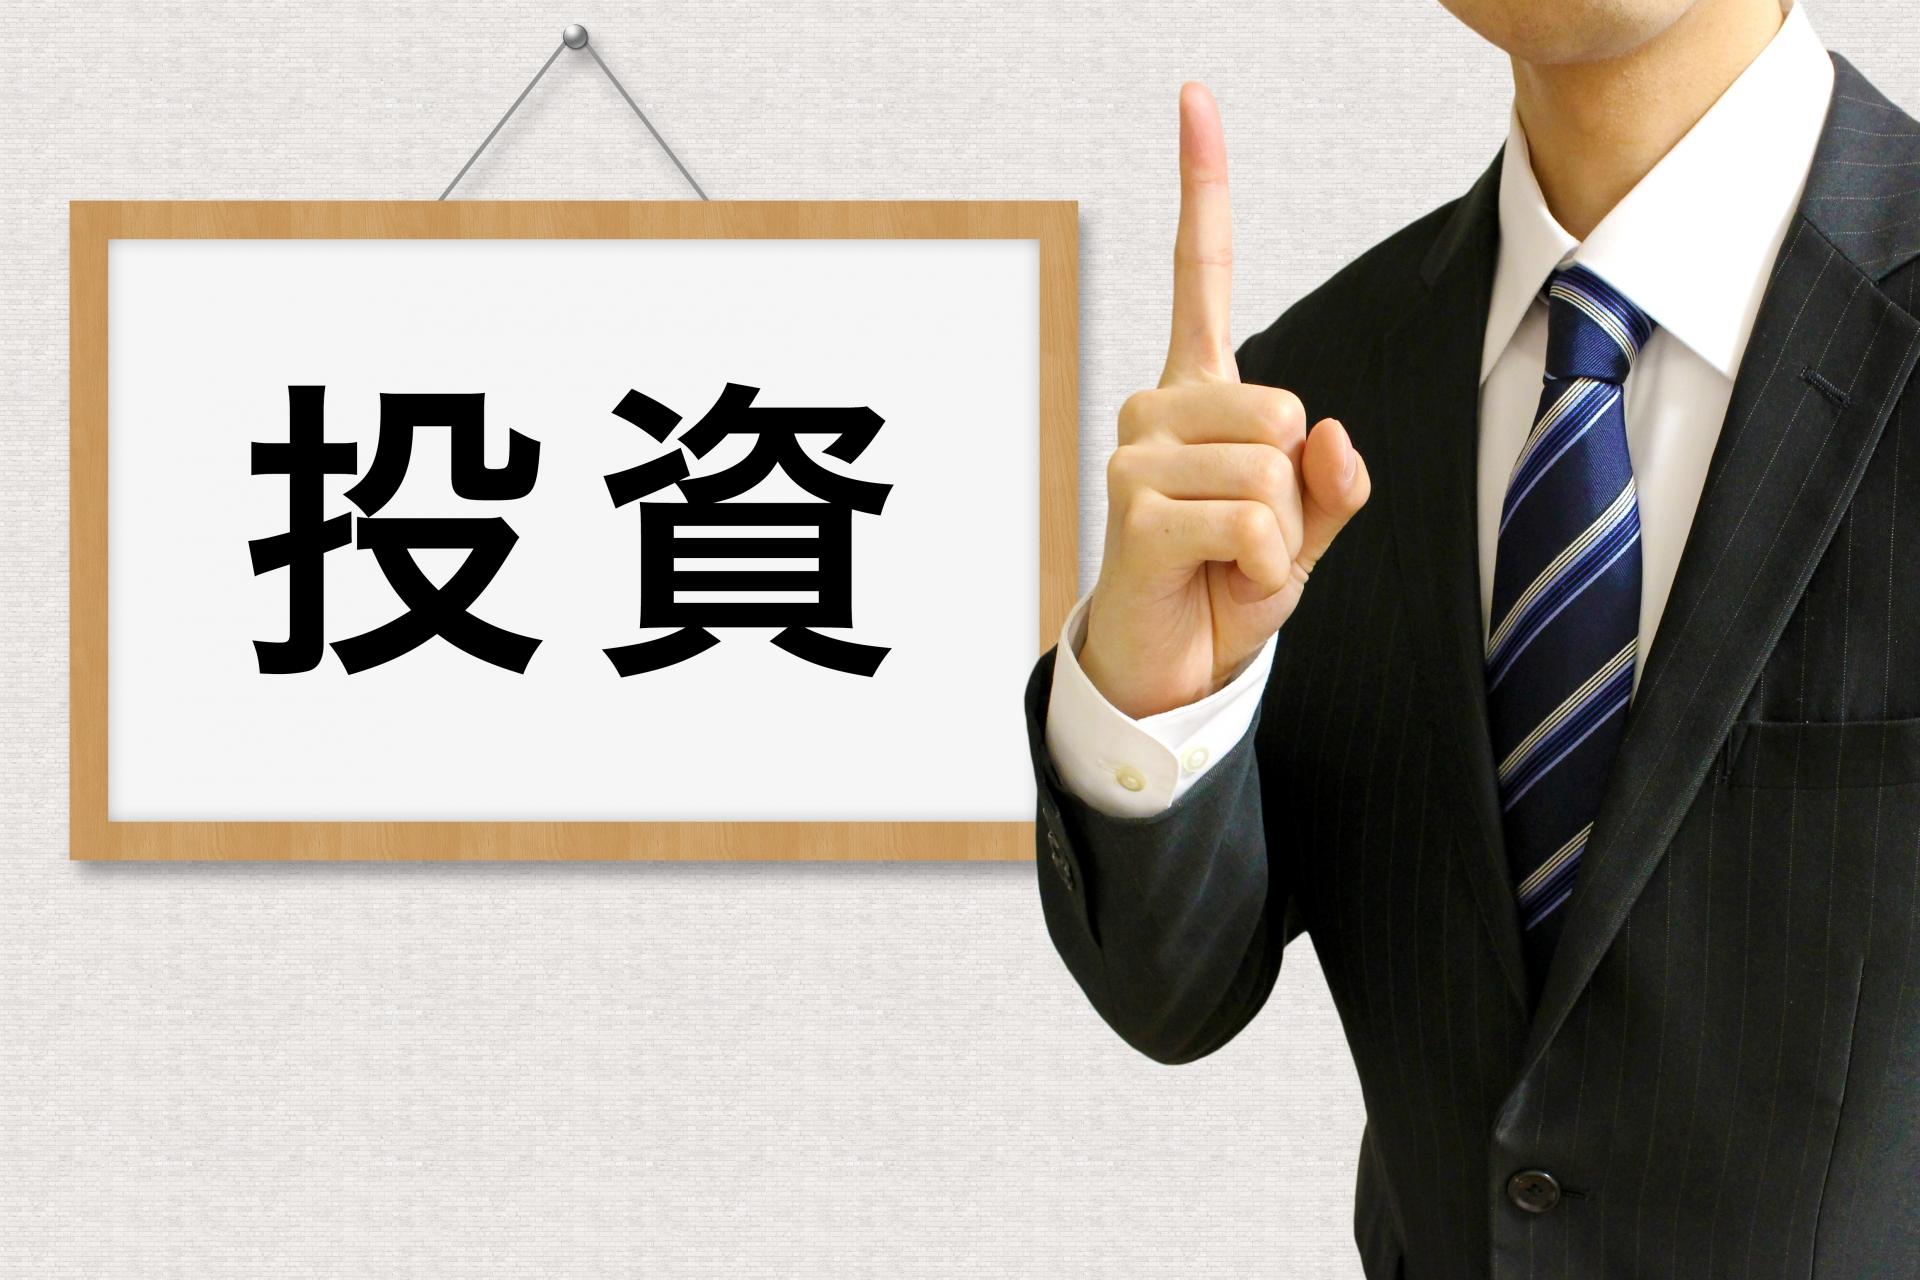 証券会社(株式投資)の口コミ・アンケート結果。生の評価・評判を見てみよう!